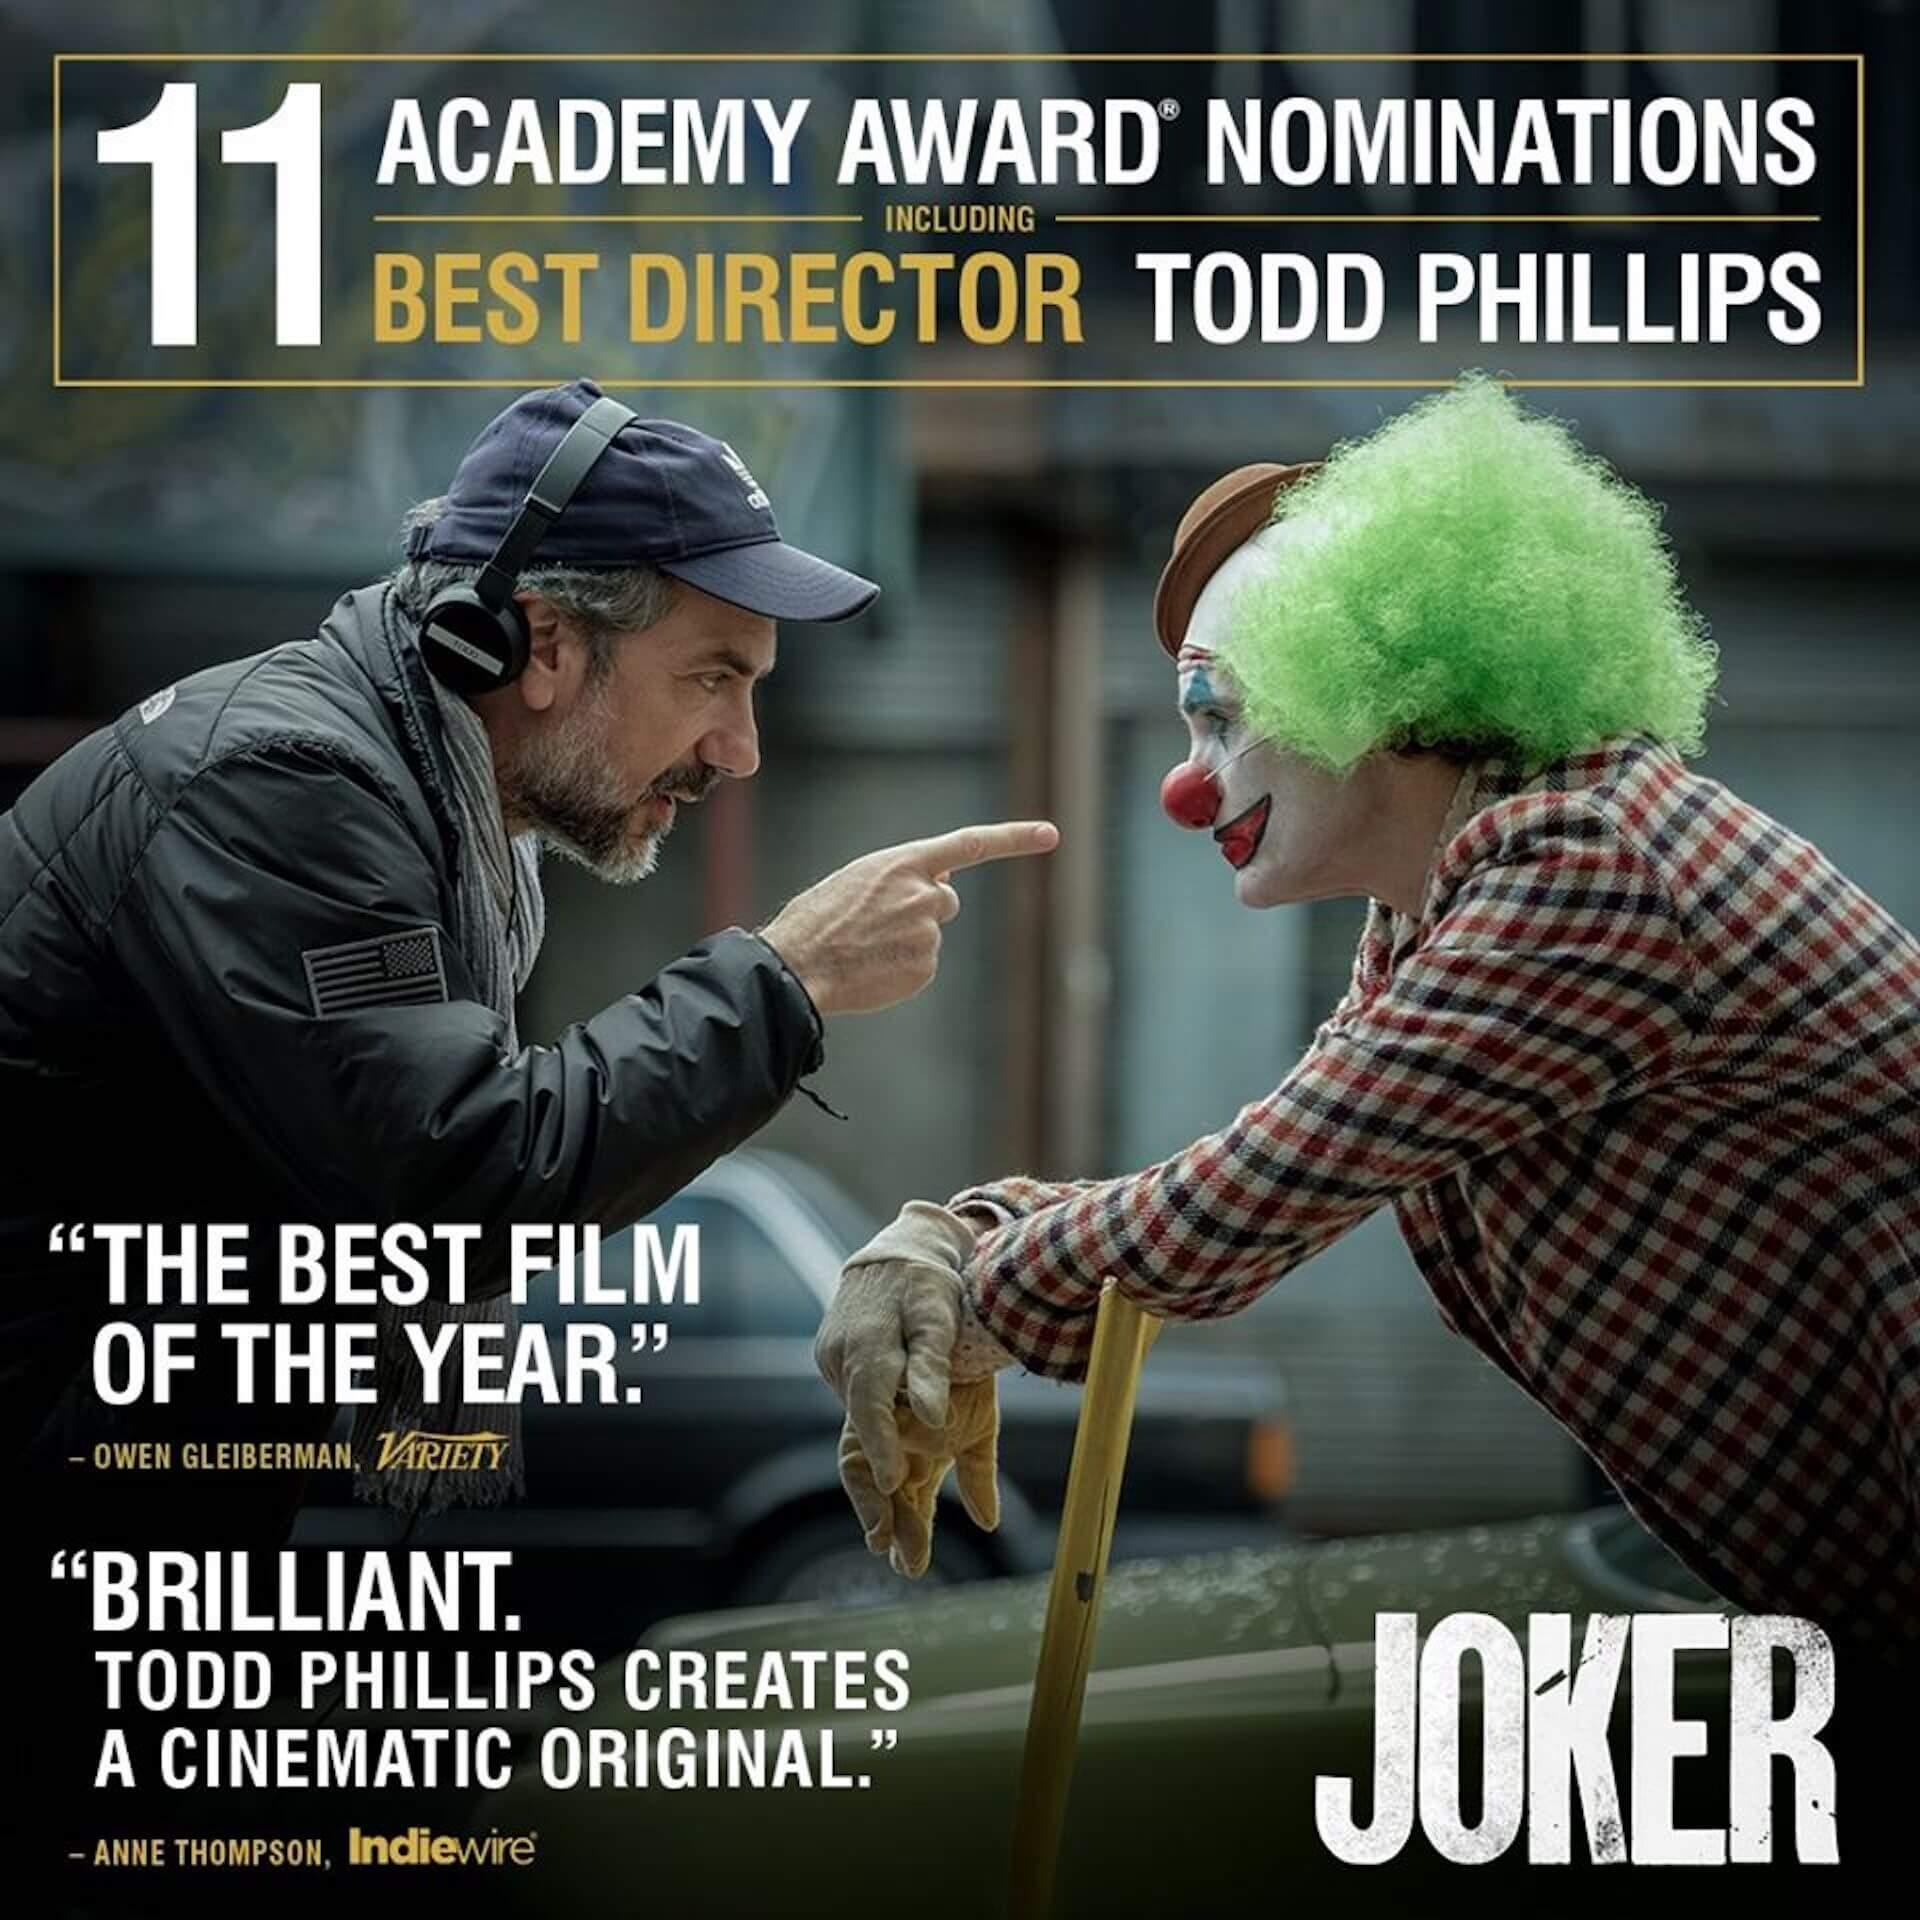 アカデミー賞ノミネート『ジョーカー』監督トッド・フィリップス、数多くのバッシングに「困惑した」と語る film200122_joker_toddphillips_main